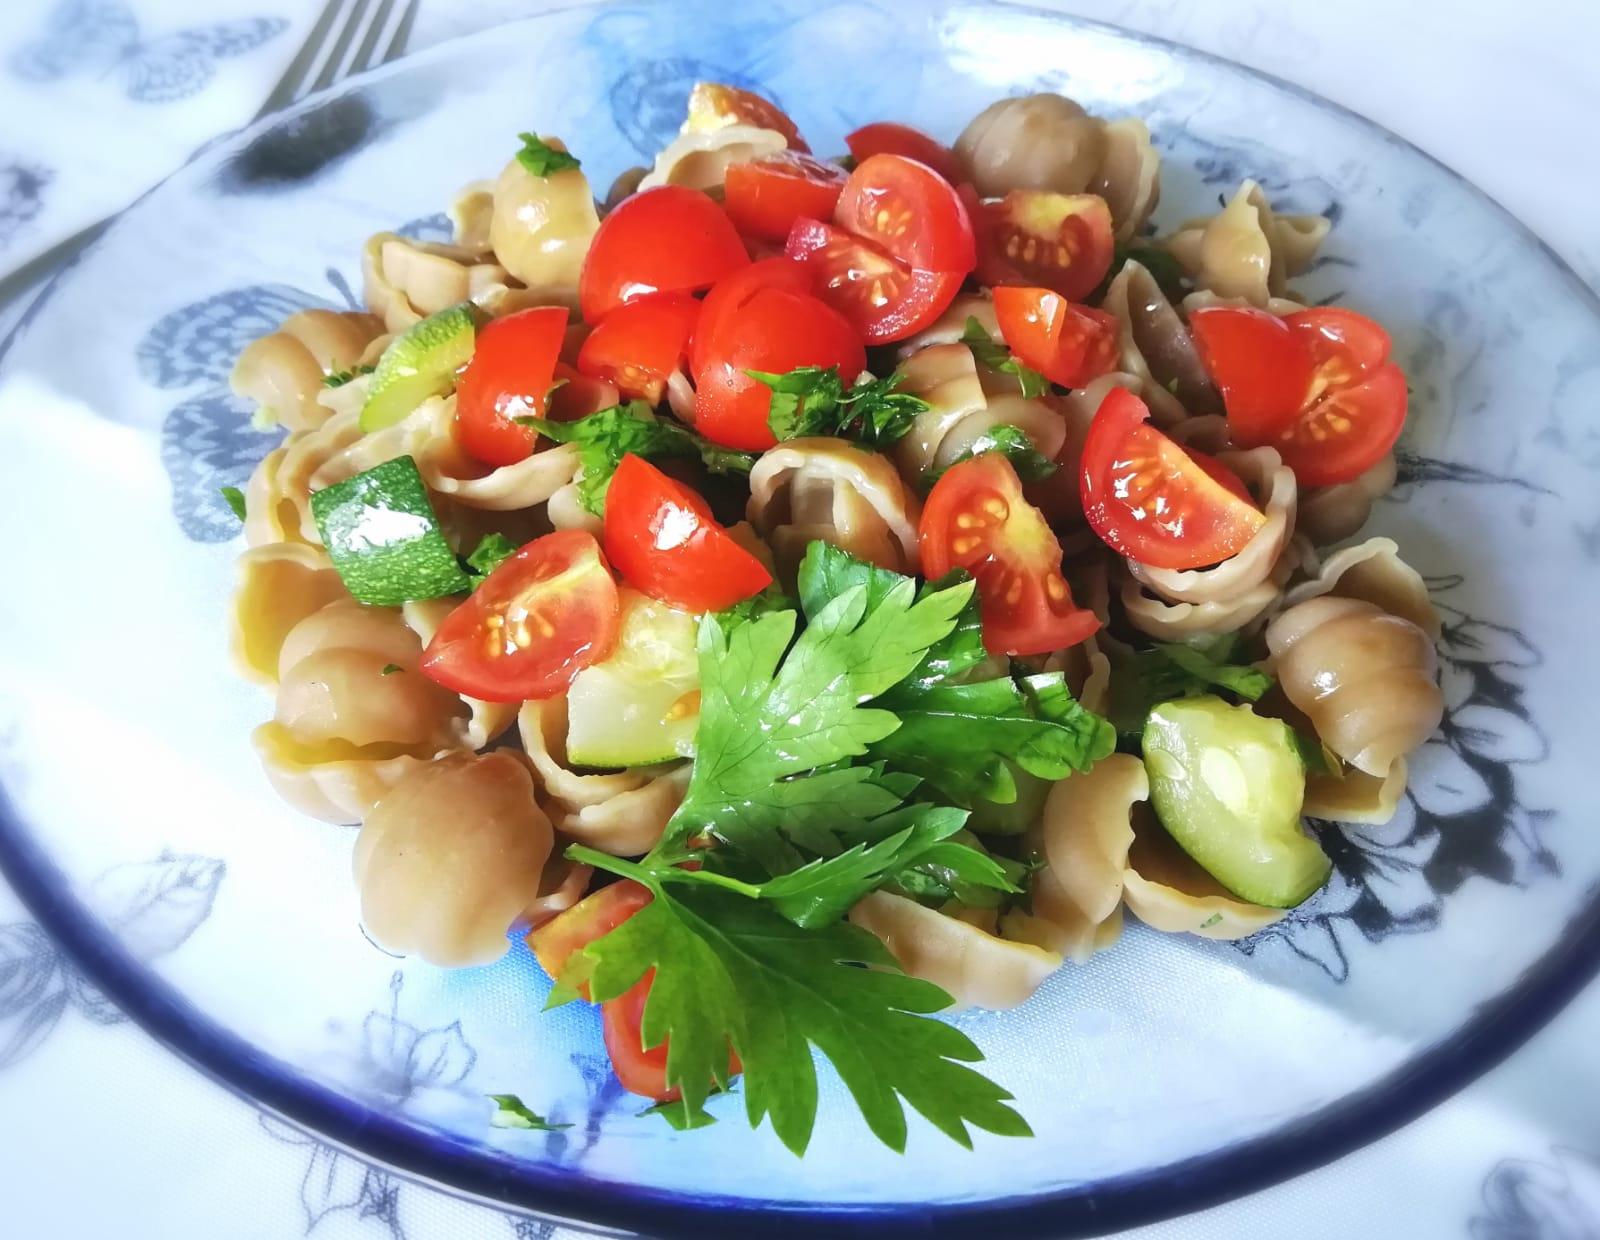 Il cibo che protegge: pasta di piselli con zucchine, pomodorini, prezzemolo